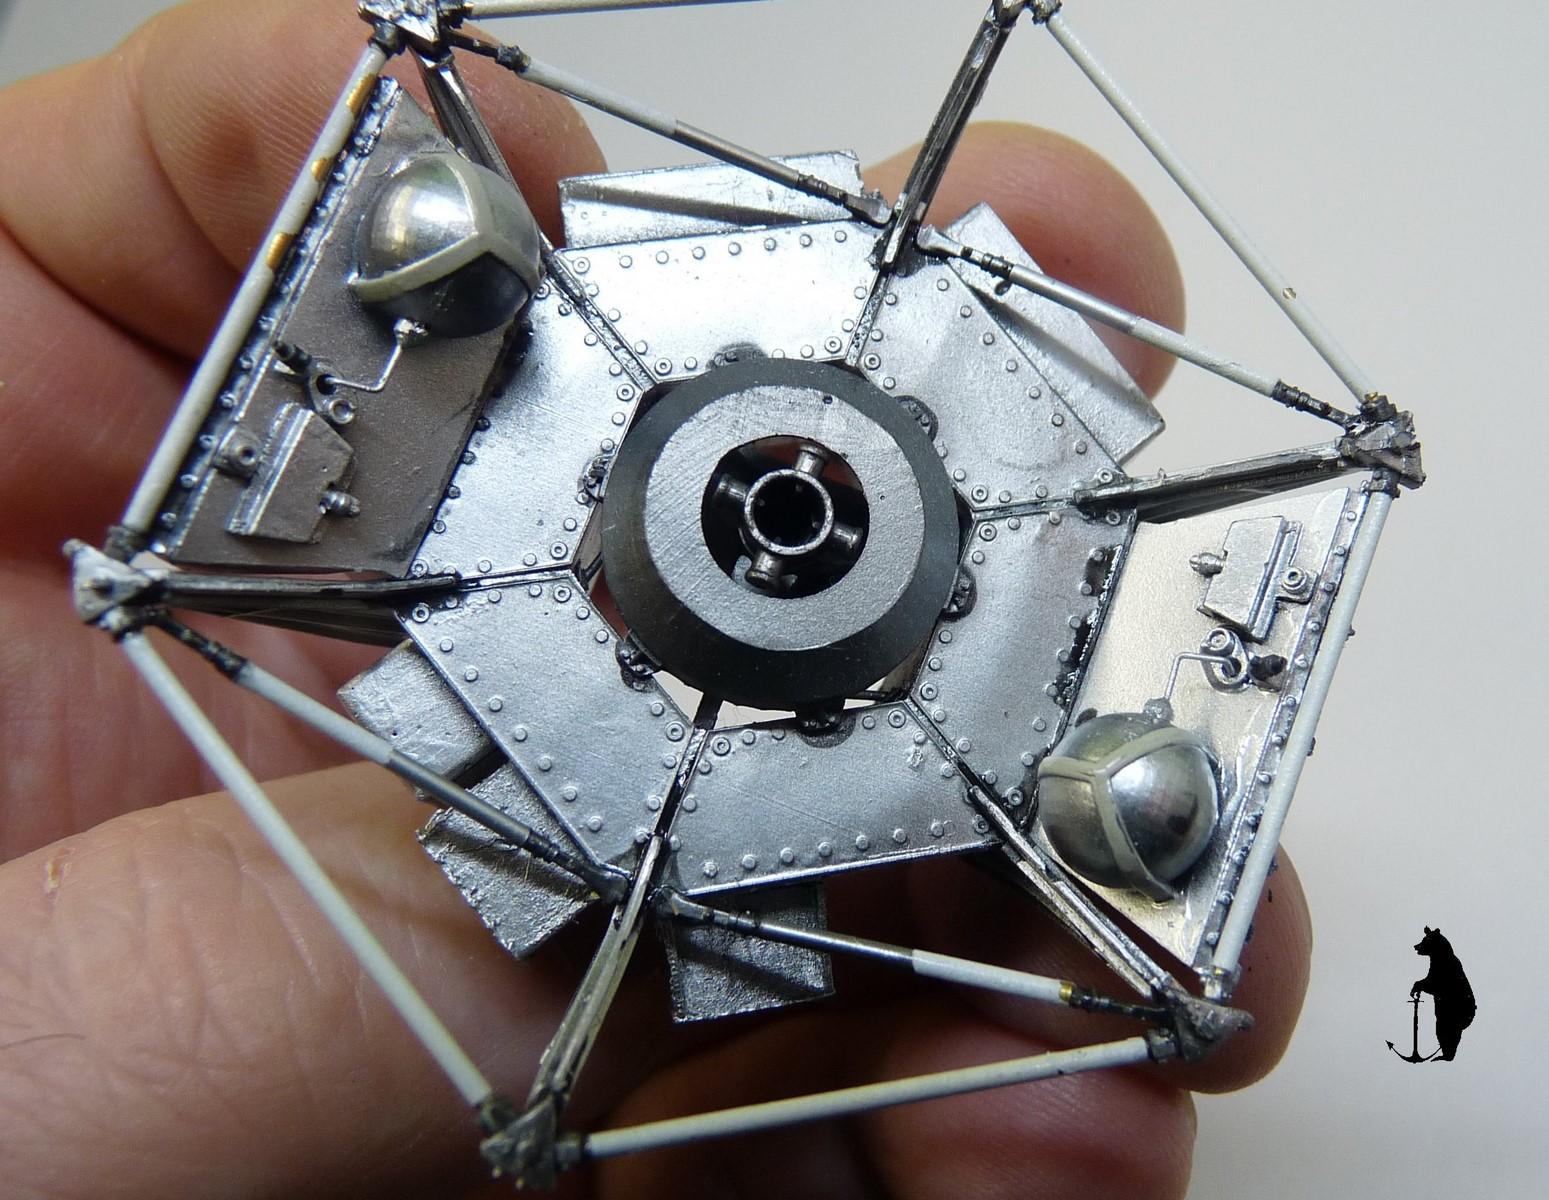 Crash-test planétaire : la sonde lunaire Ranger 8 au 1/24e 17072103230323134915160152